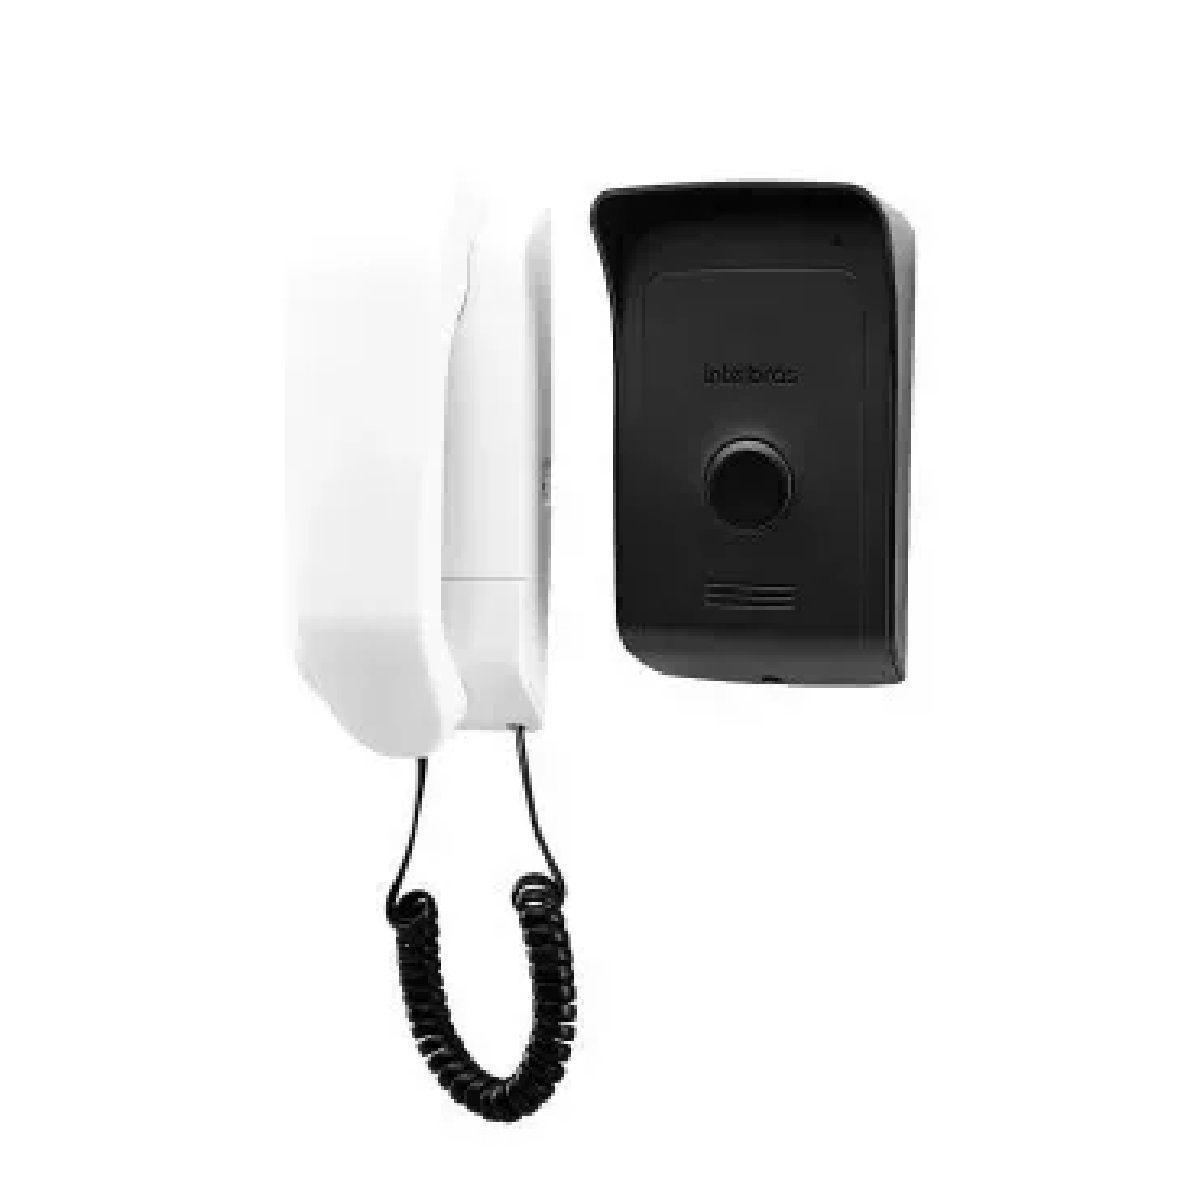 Porteiro Interfone Eletrônico IPR 1010 Residencial Intelbras Controle de Acesso a Distância